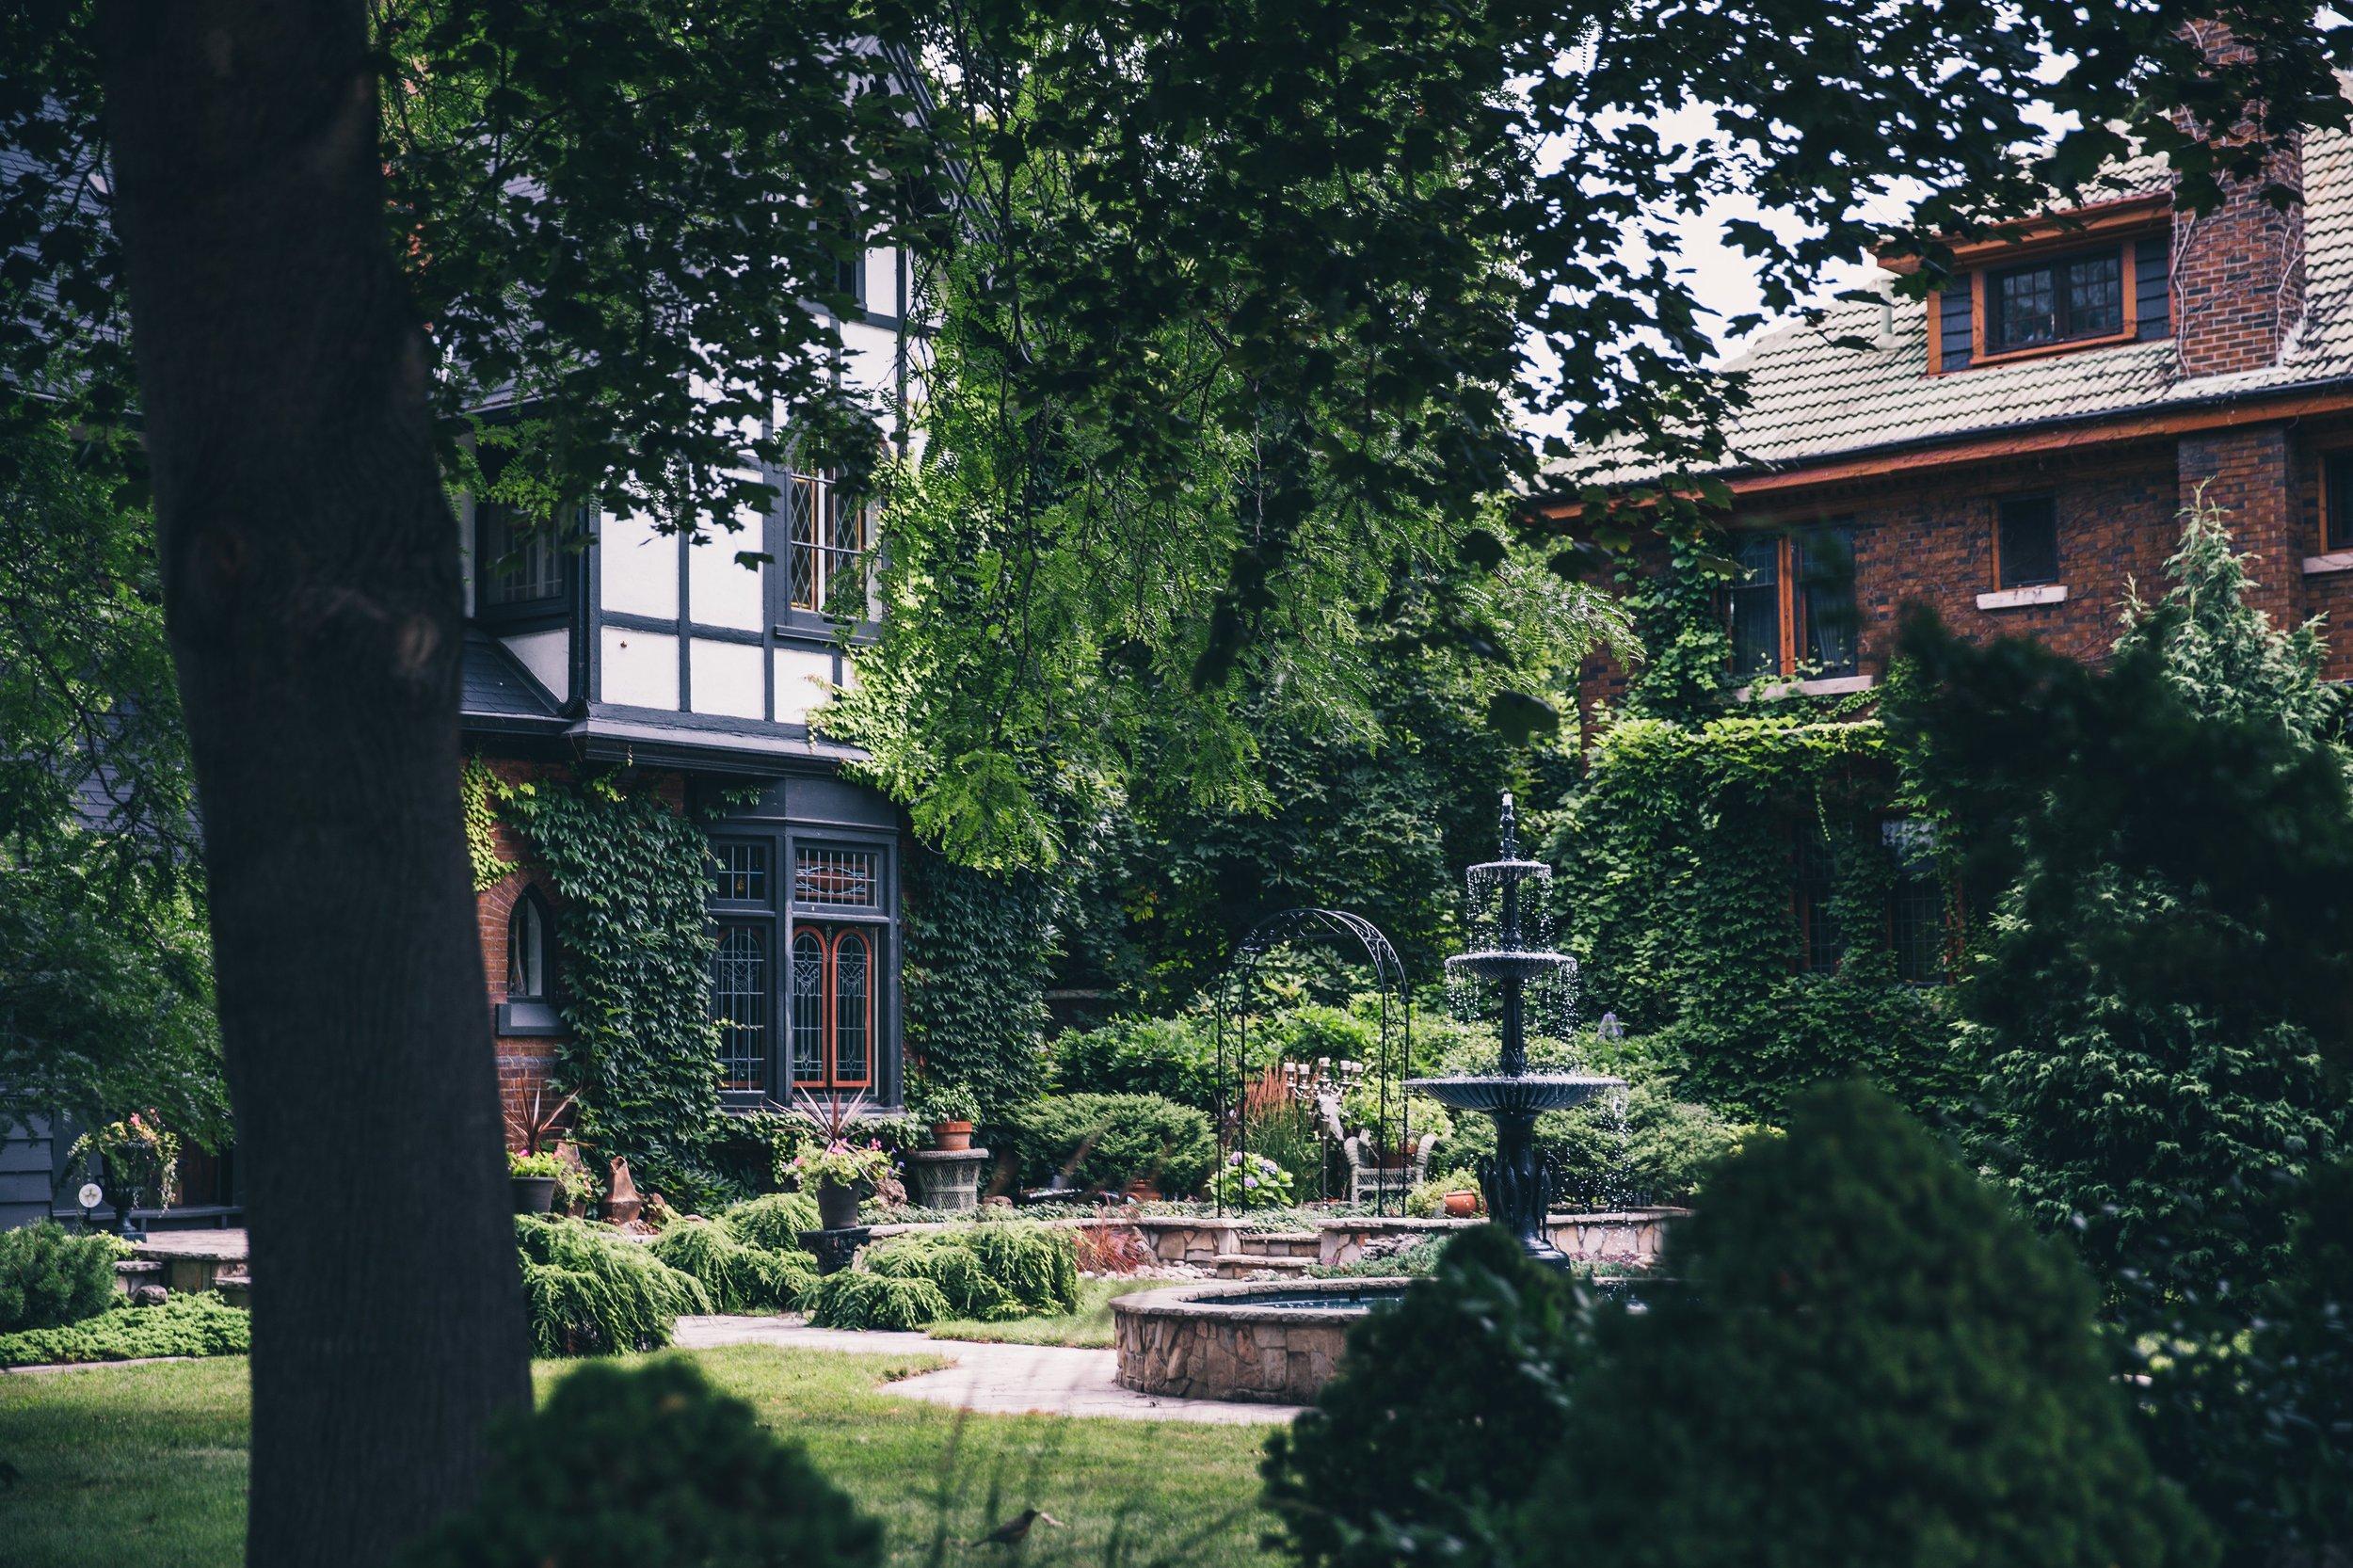 courtyard-fountain_4460x4460 (1).jpg